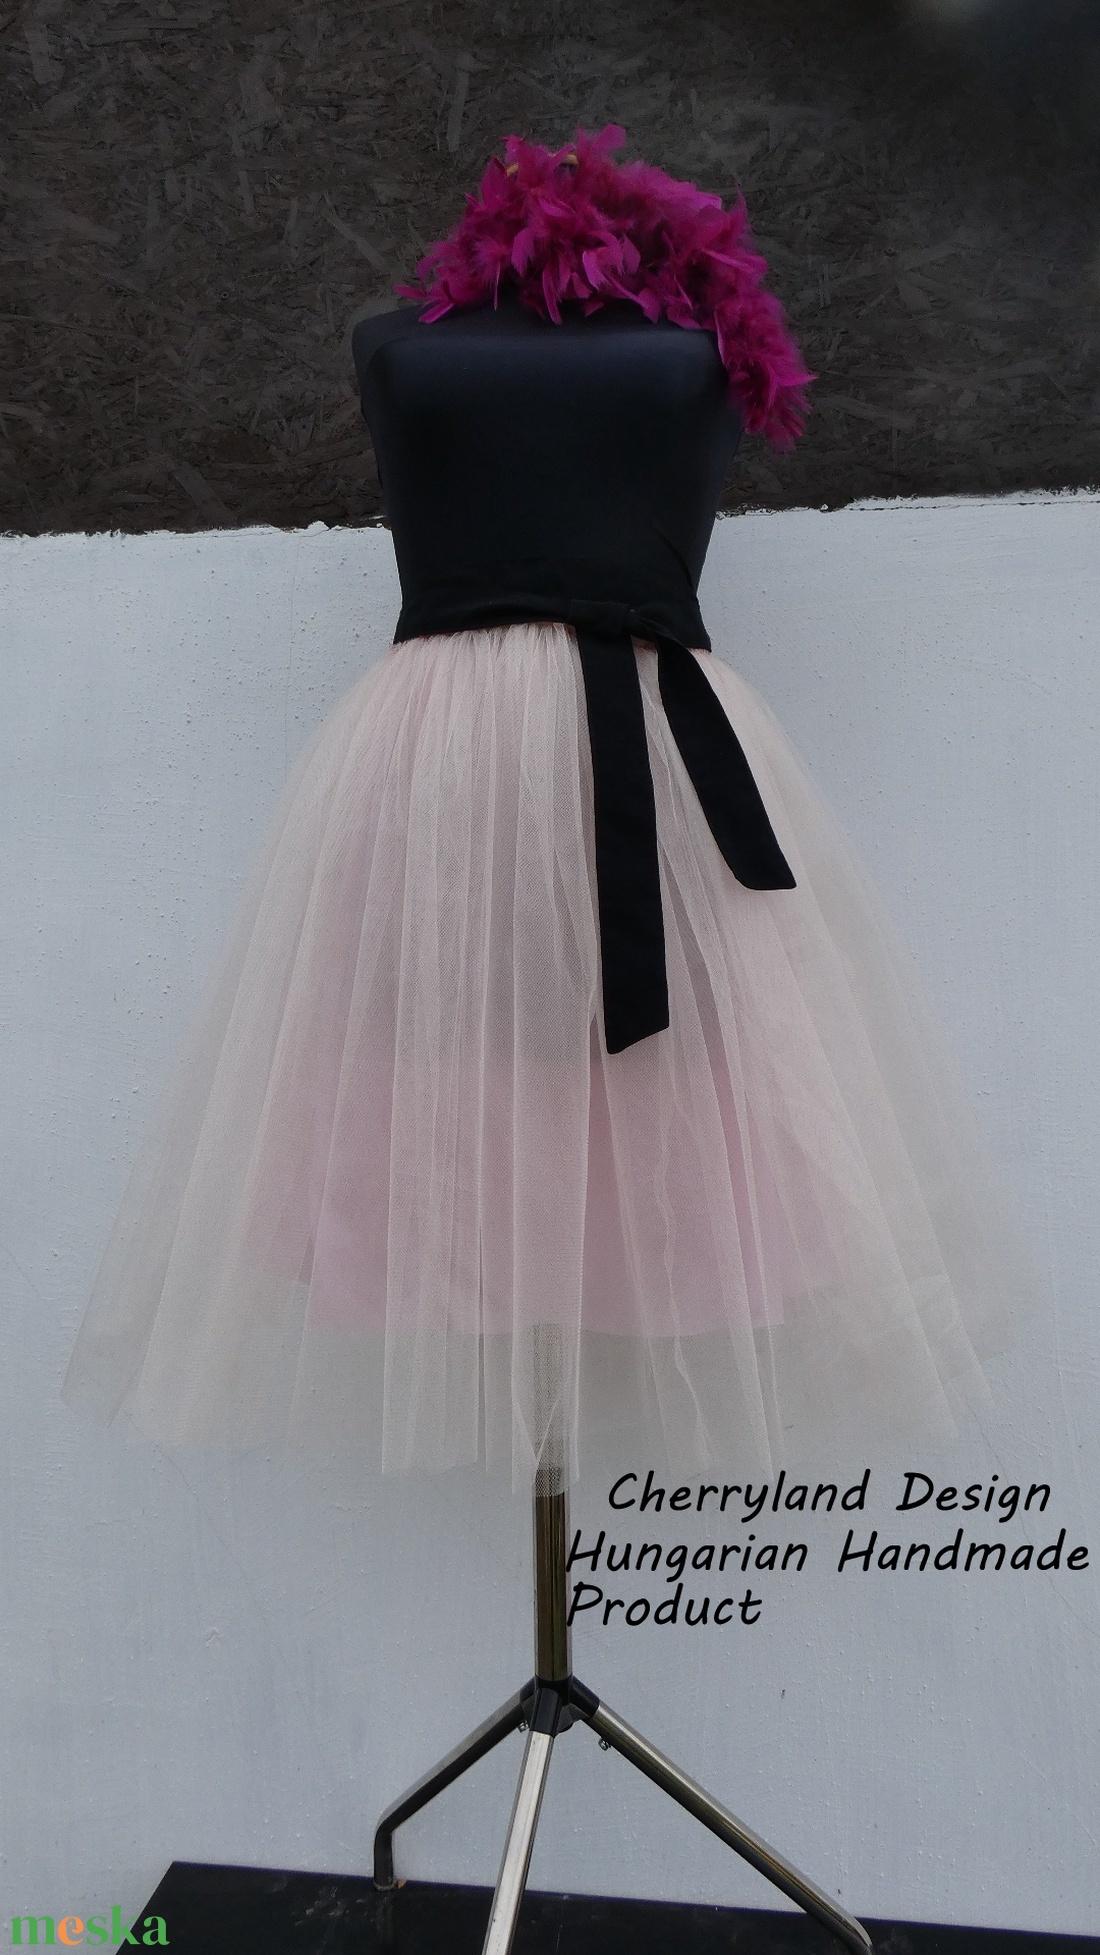 Cherryland Design Halovány Rózsaszín Tüll Szoknya˛/Tulle Skirt (textilmester) - Meska.hu